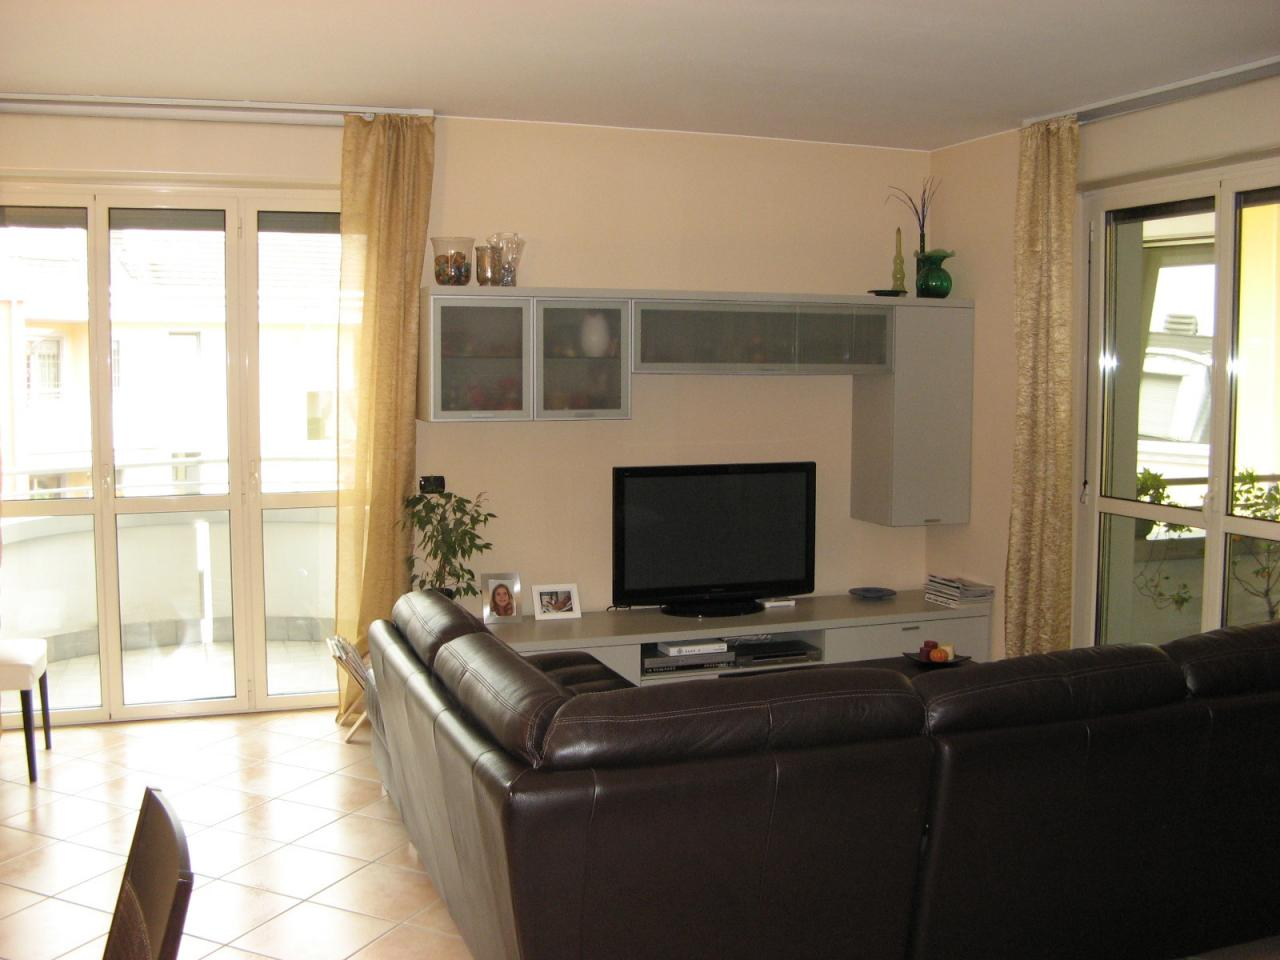 Appartamento in vendita a Trezzano sul Naviglio, 3 locali, zona Località: Azalee, prezzo € 265.000 | CambioCasa.it